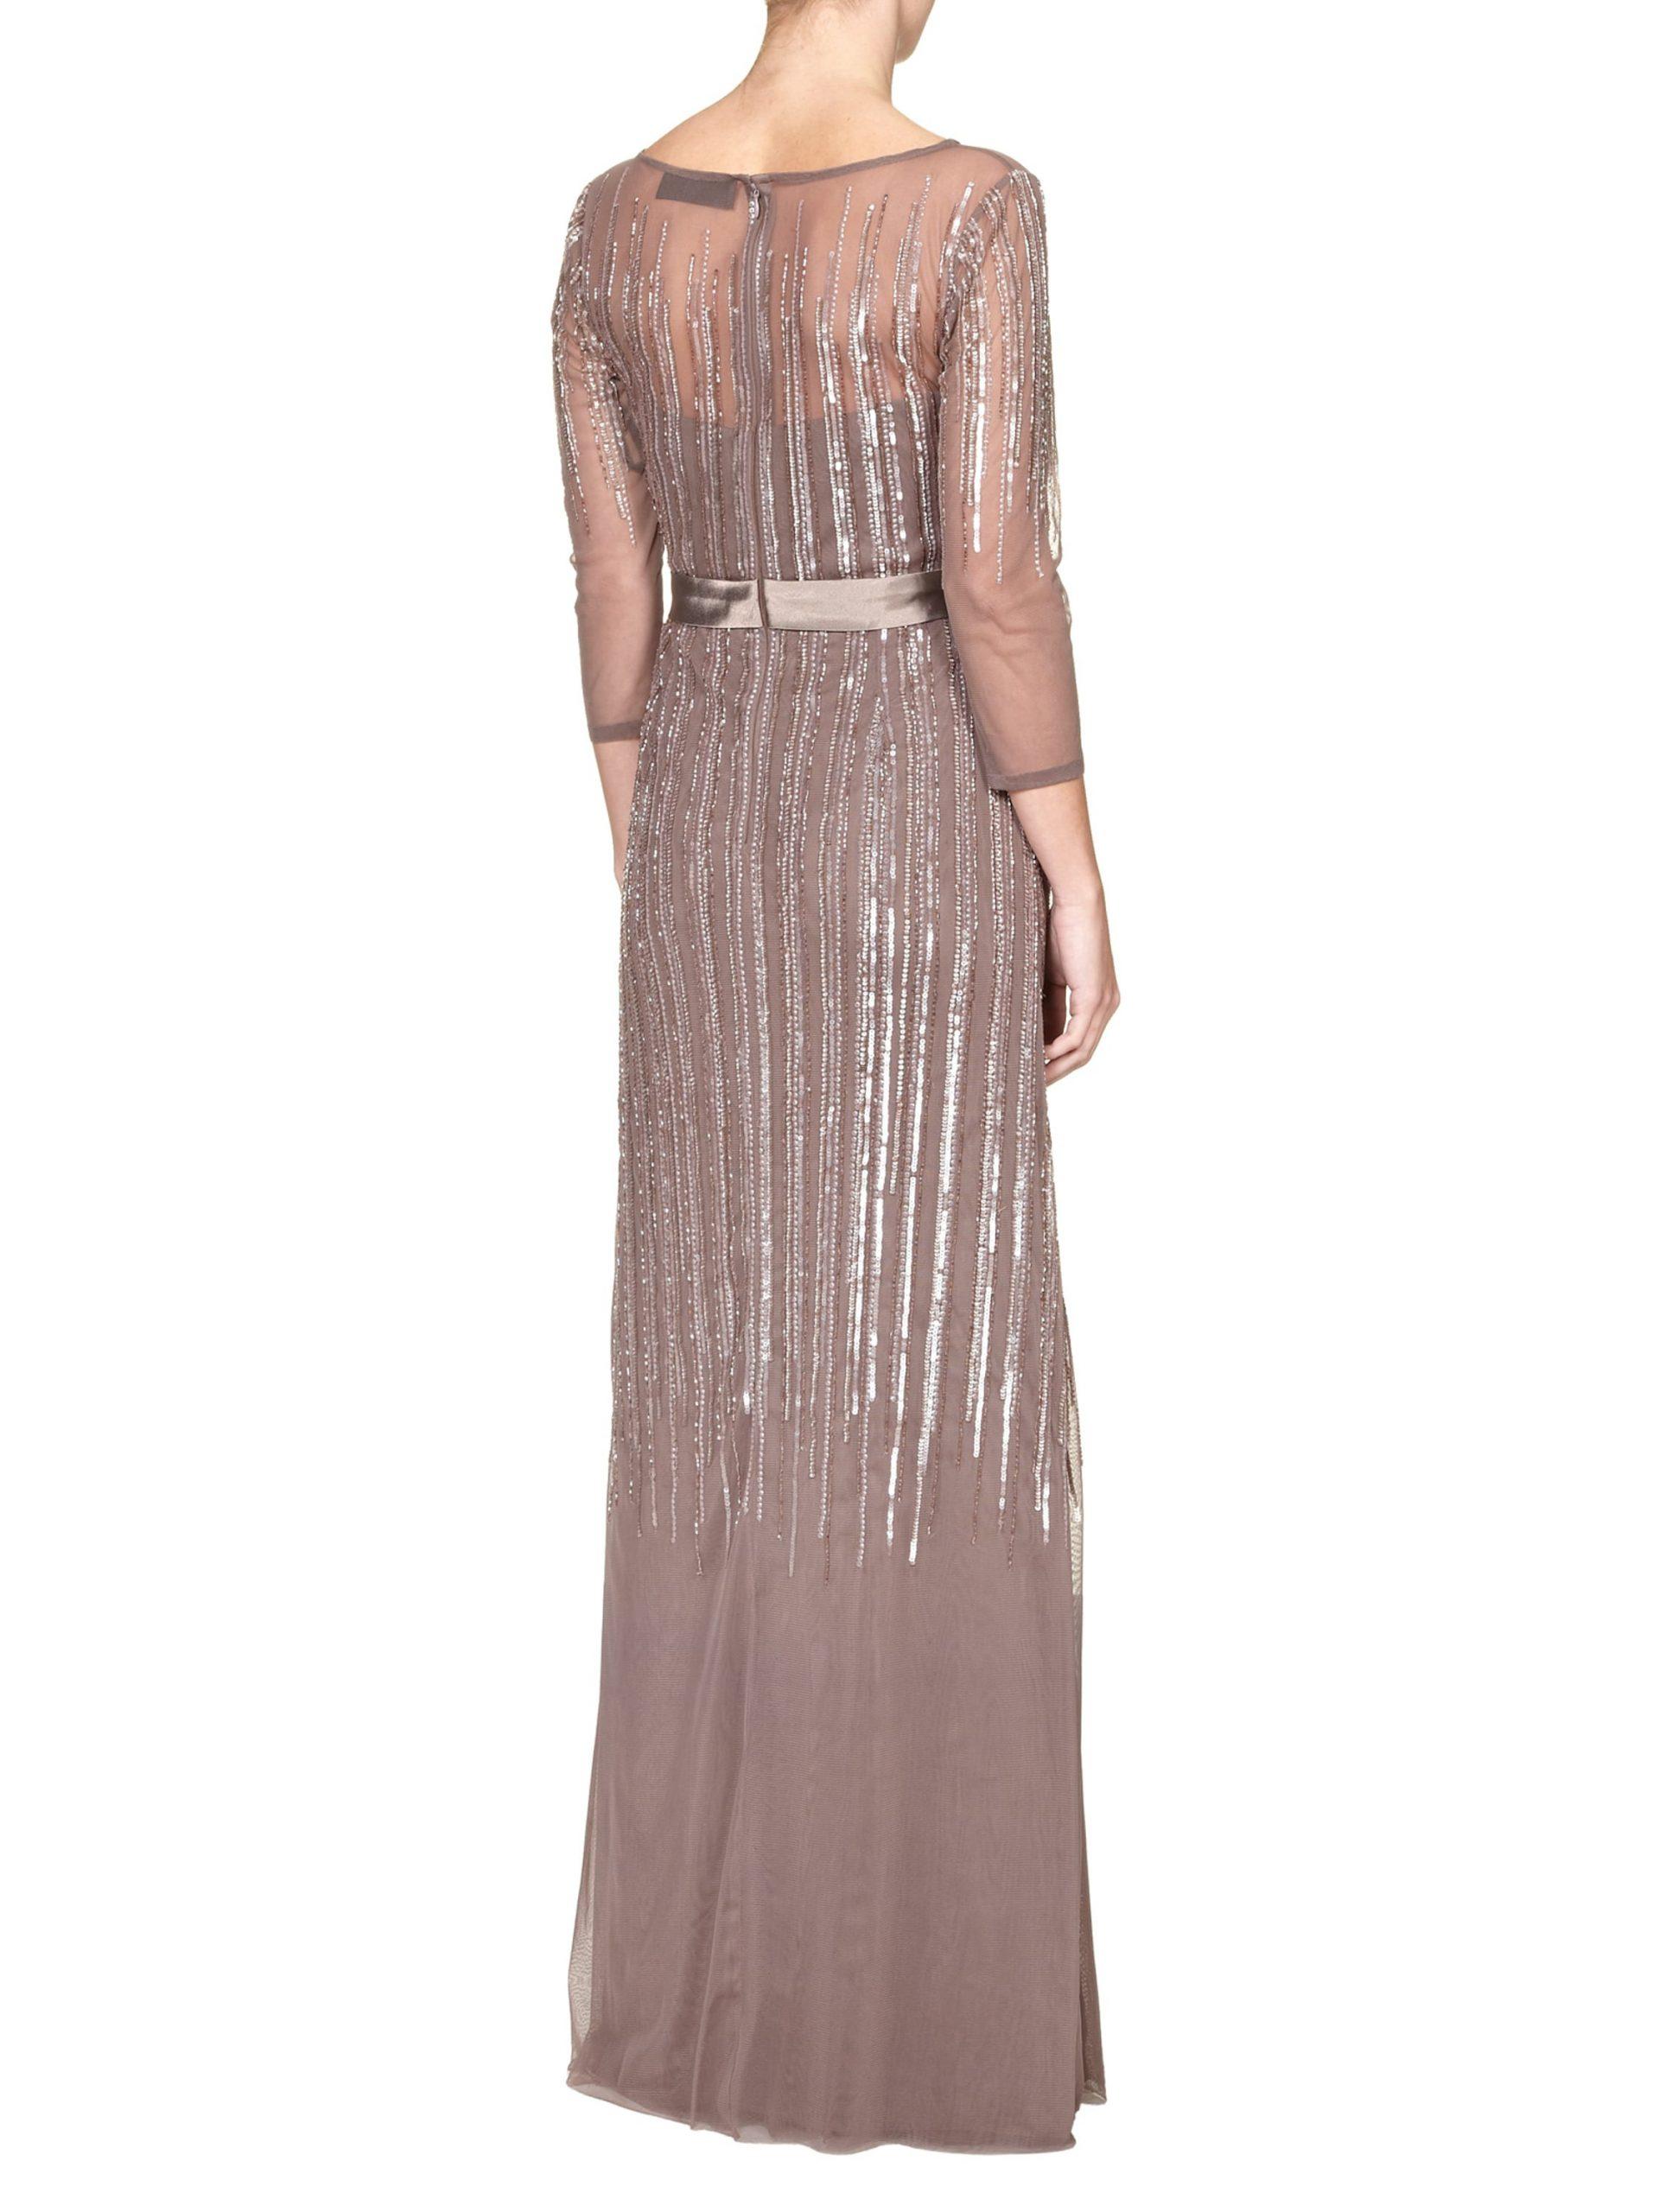 Designer Erstaunlich Barbara Schwarzer Abendkleider Young Couture Bester Preis15 Fantastisch Barbara Schwarzer Abendkleider Young Couture Stylish